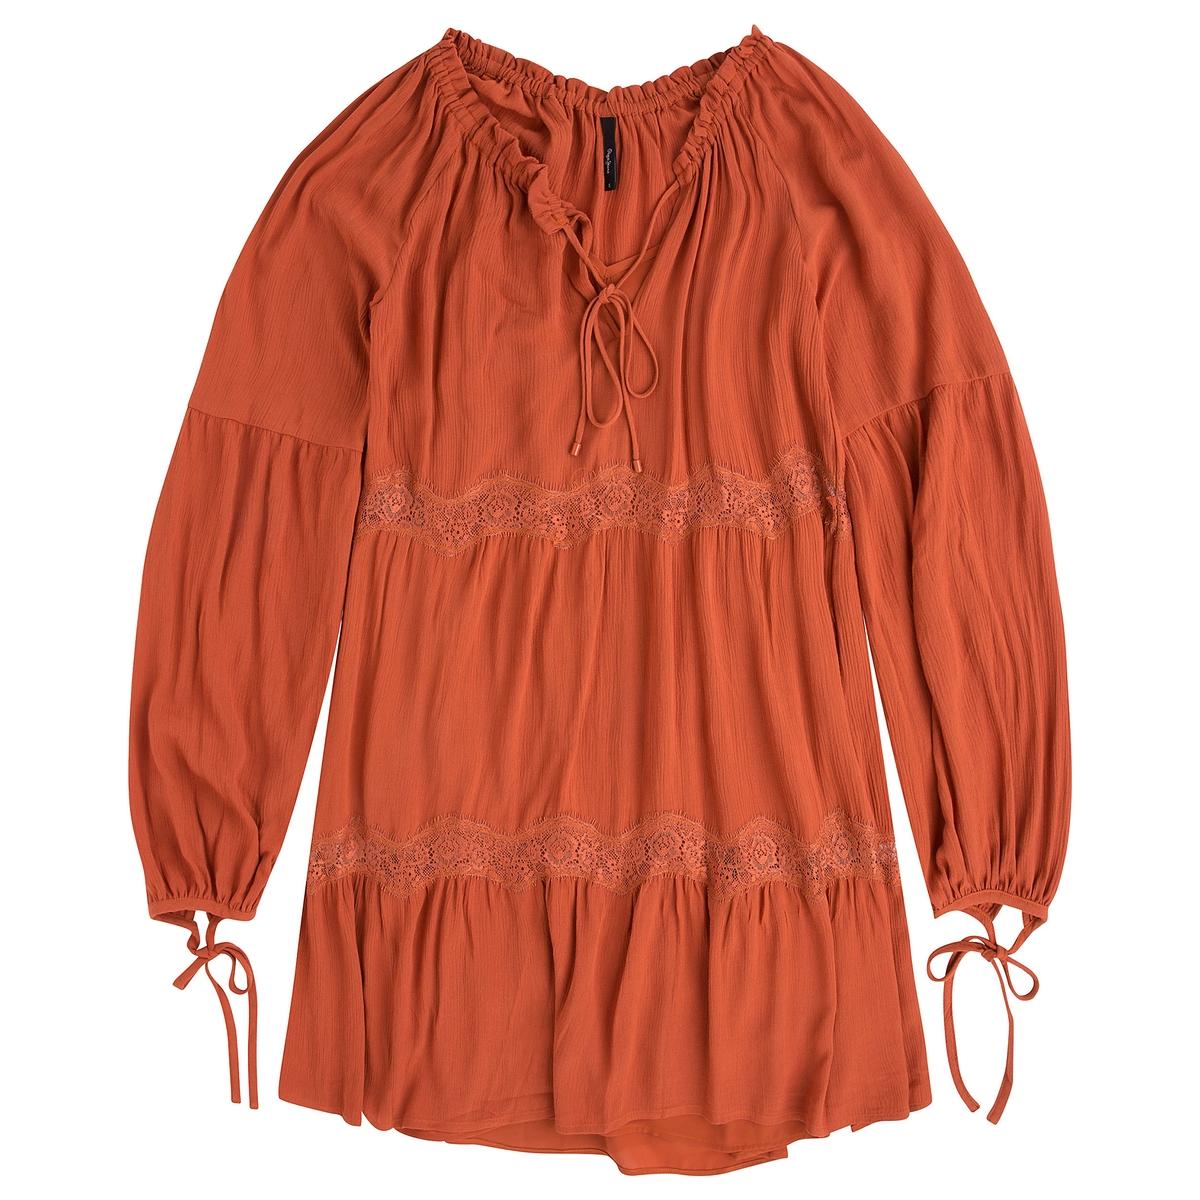 Платье короткое с длинными рукавамиДетали •  Форма : прямая  •  короткое  •  Длинные рукава     •  Круглый вырезСостав и уход •  100% вискоза  •  Следуйте советам по уходу, указанным на этикетке<br><br>Цвет: красно-коричневый,черный<br>Размер: XL.M.S.S